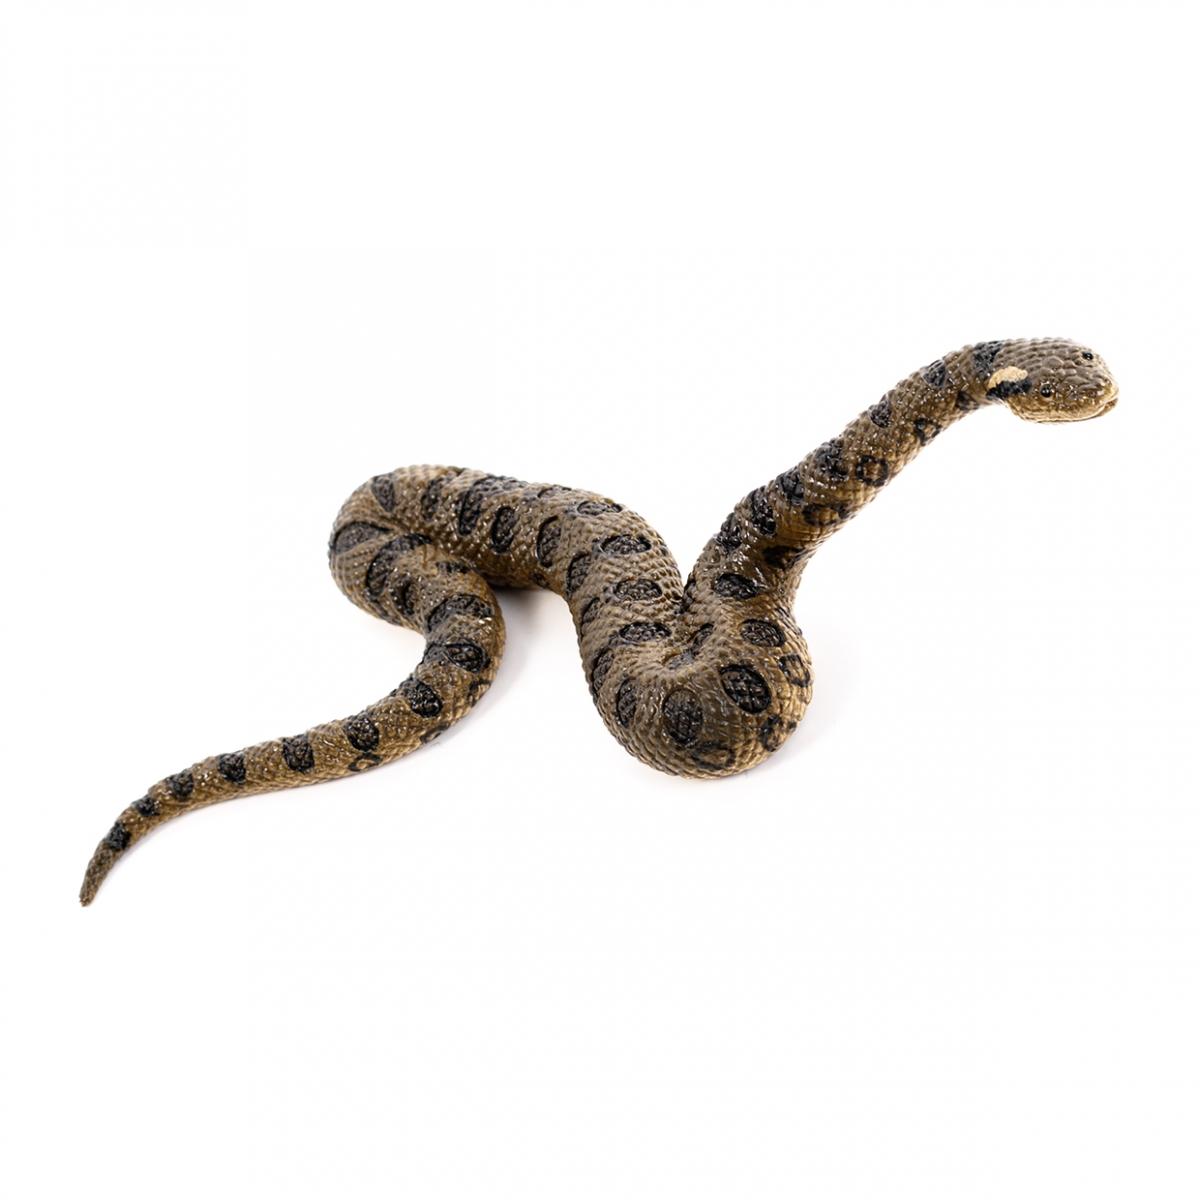 Imagen en la que se ve una serpiente